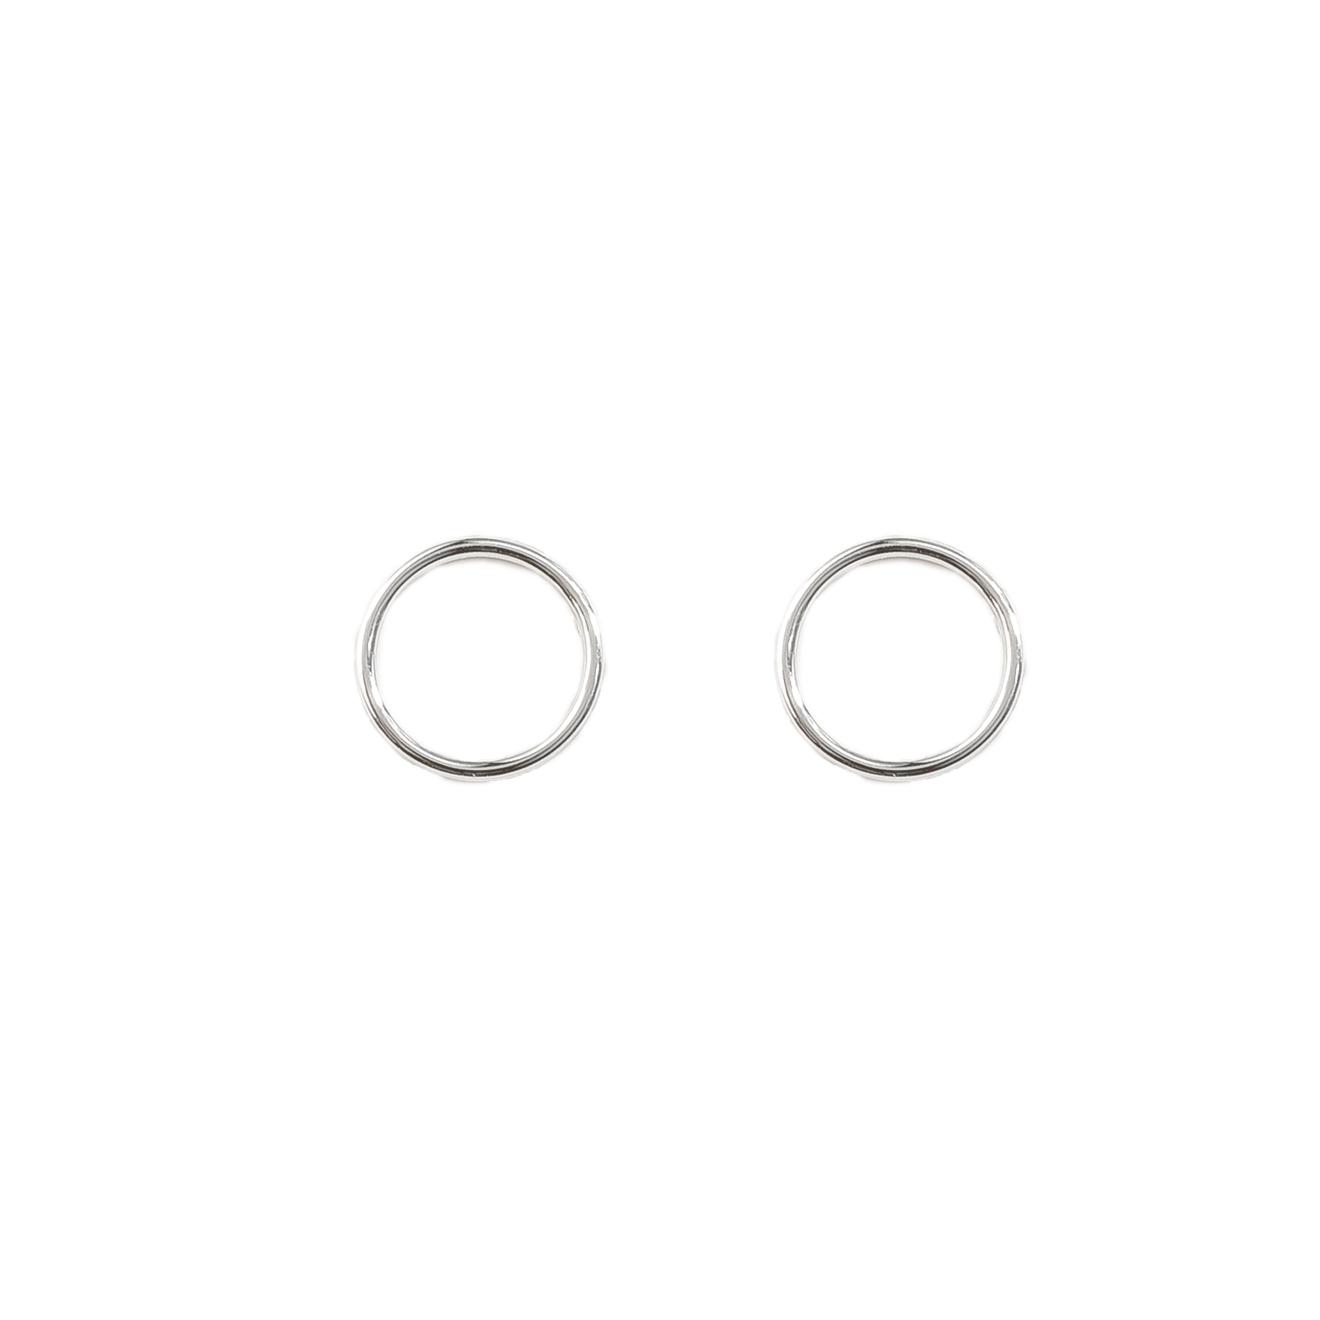 Tilda Серьги-круги из серебра